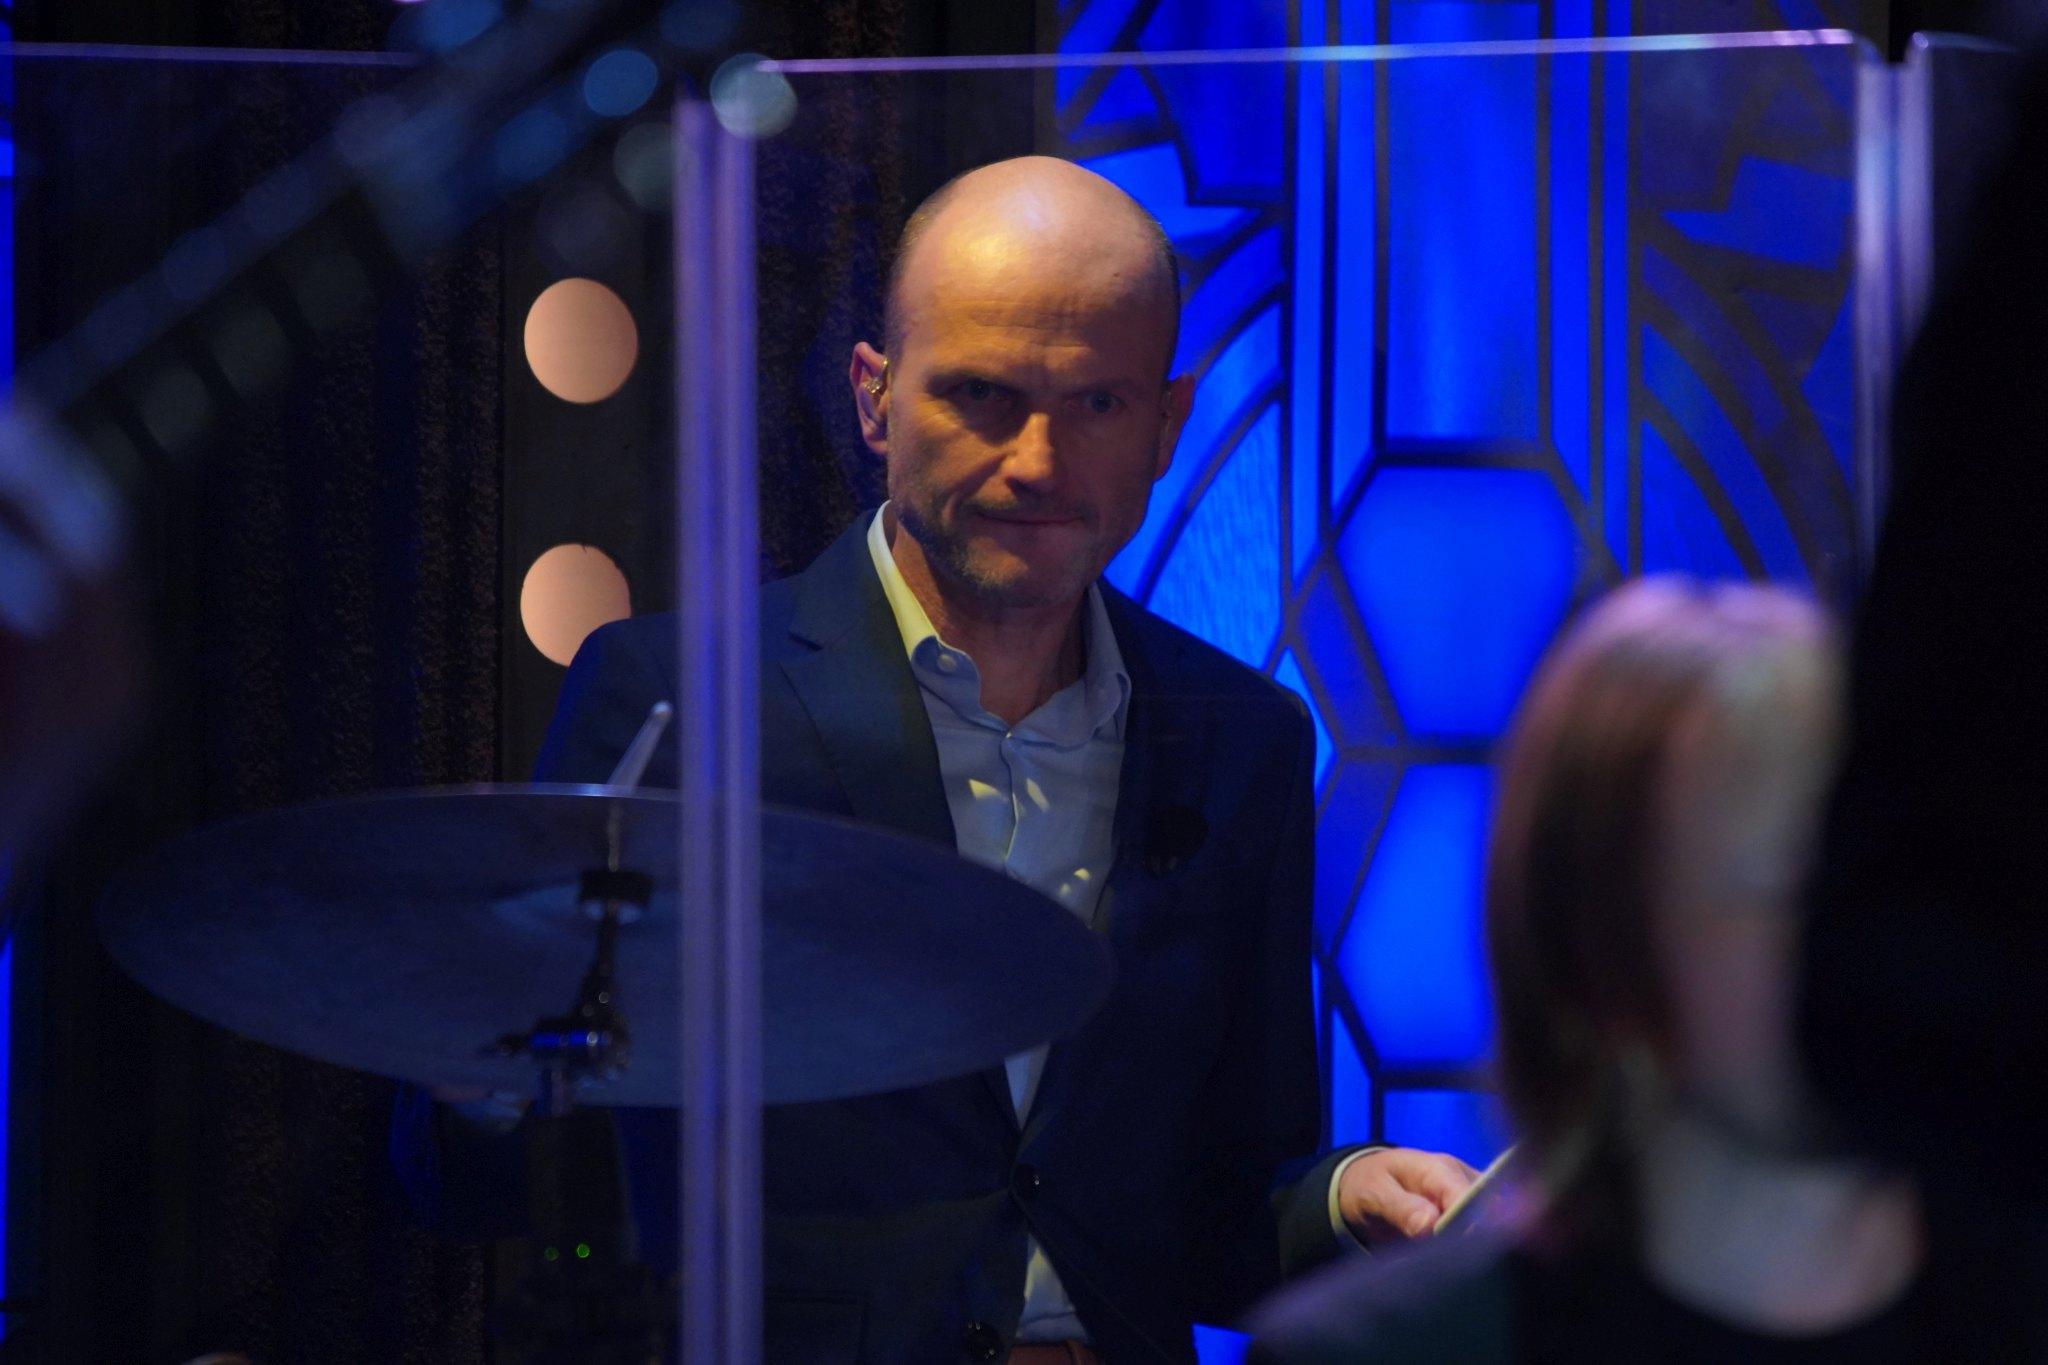 Dalibor Gondík usedl při závěrečné písni za bicí — SJK 13. 1. 2021